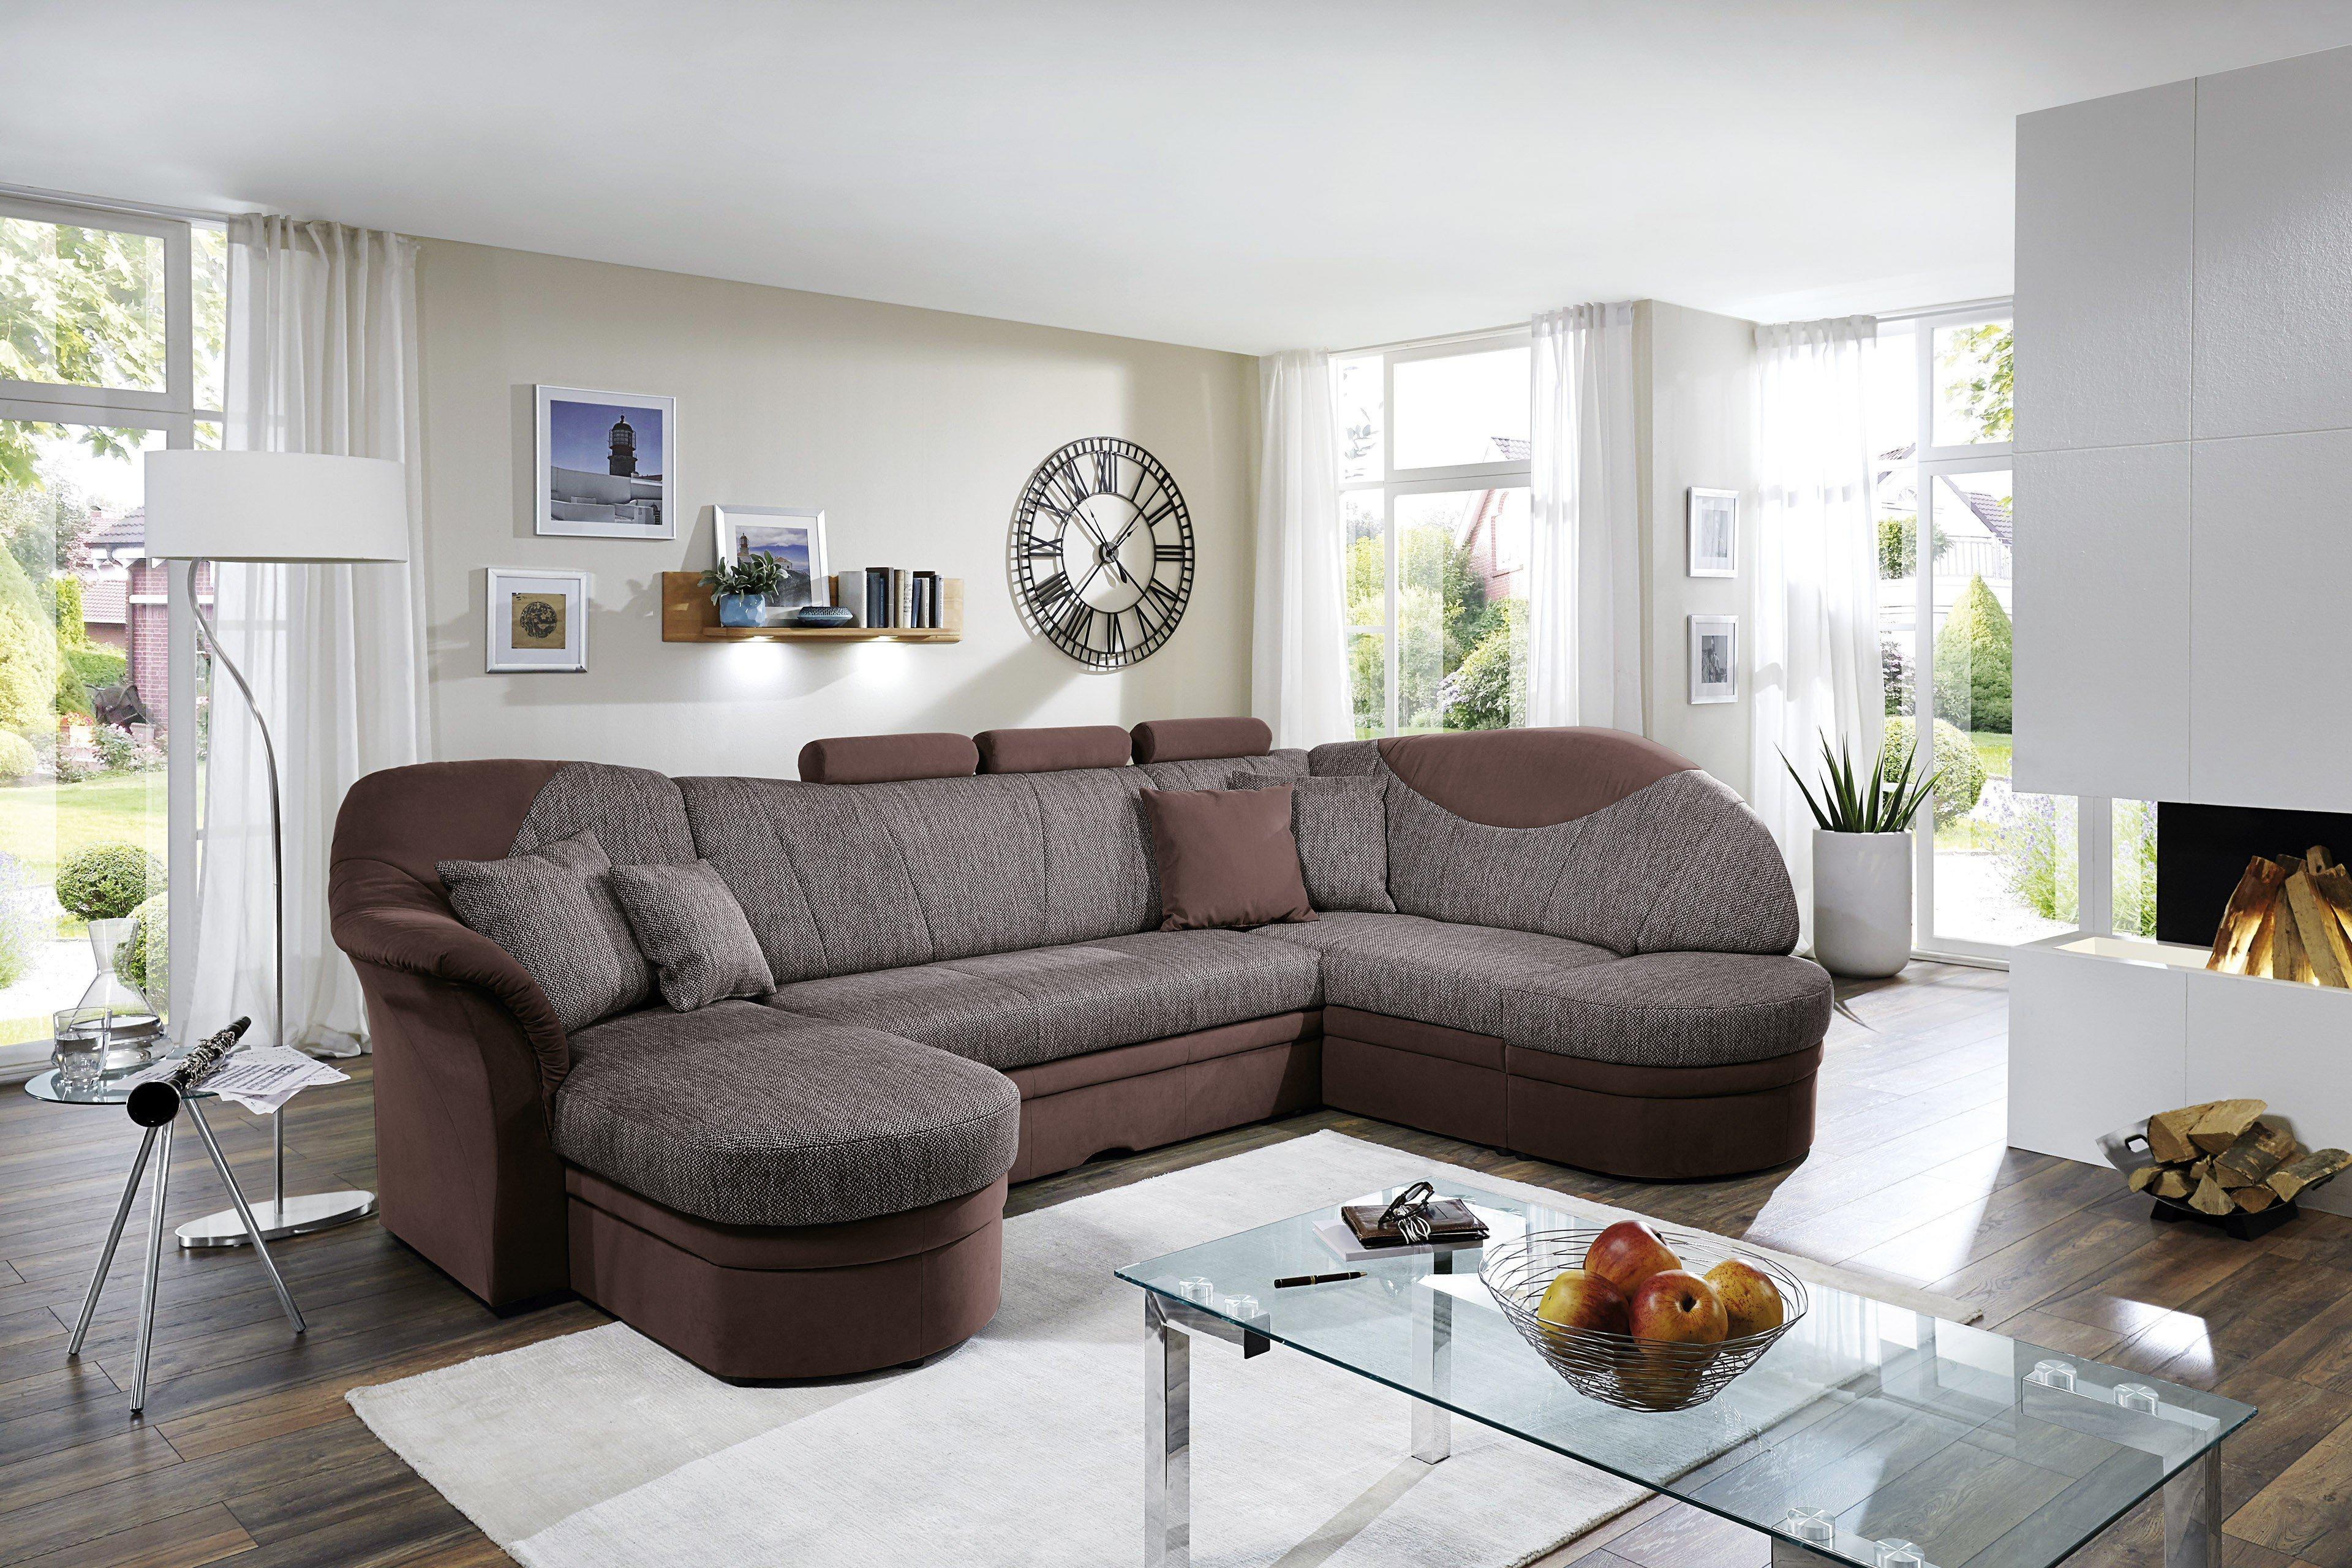 polipol esbo wohnlandschaft grau braun m bel letz ihr. Black Bedroom Furniture Sets. Home Design Ideas